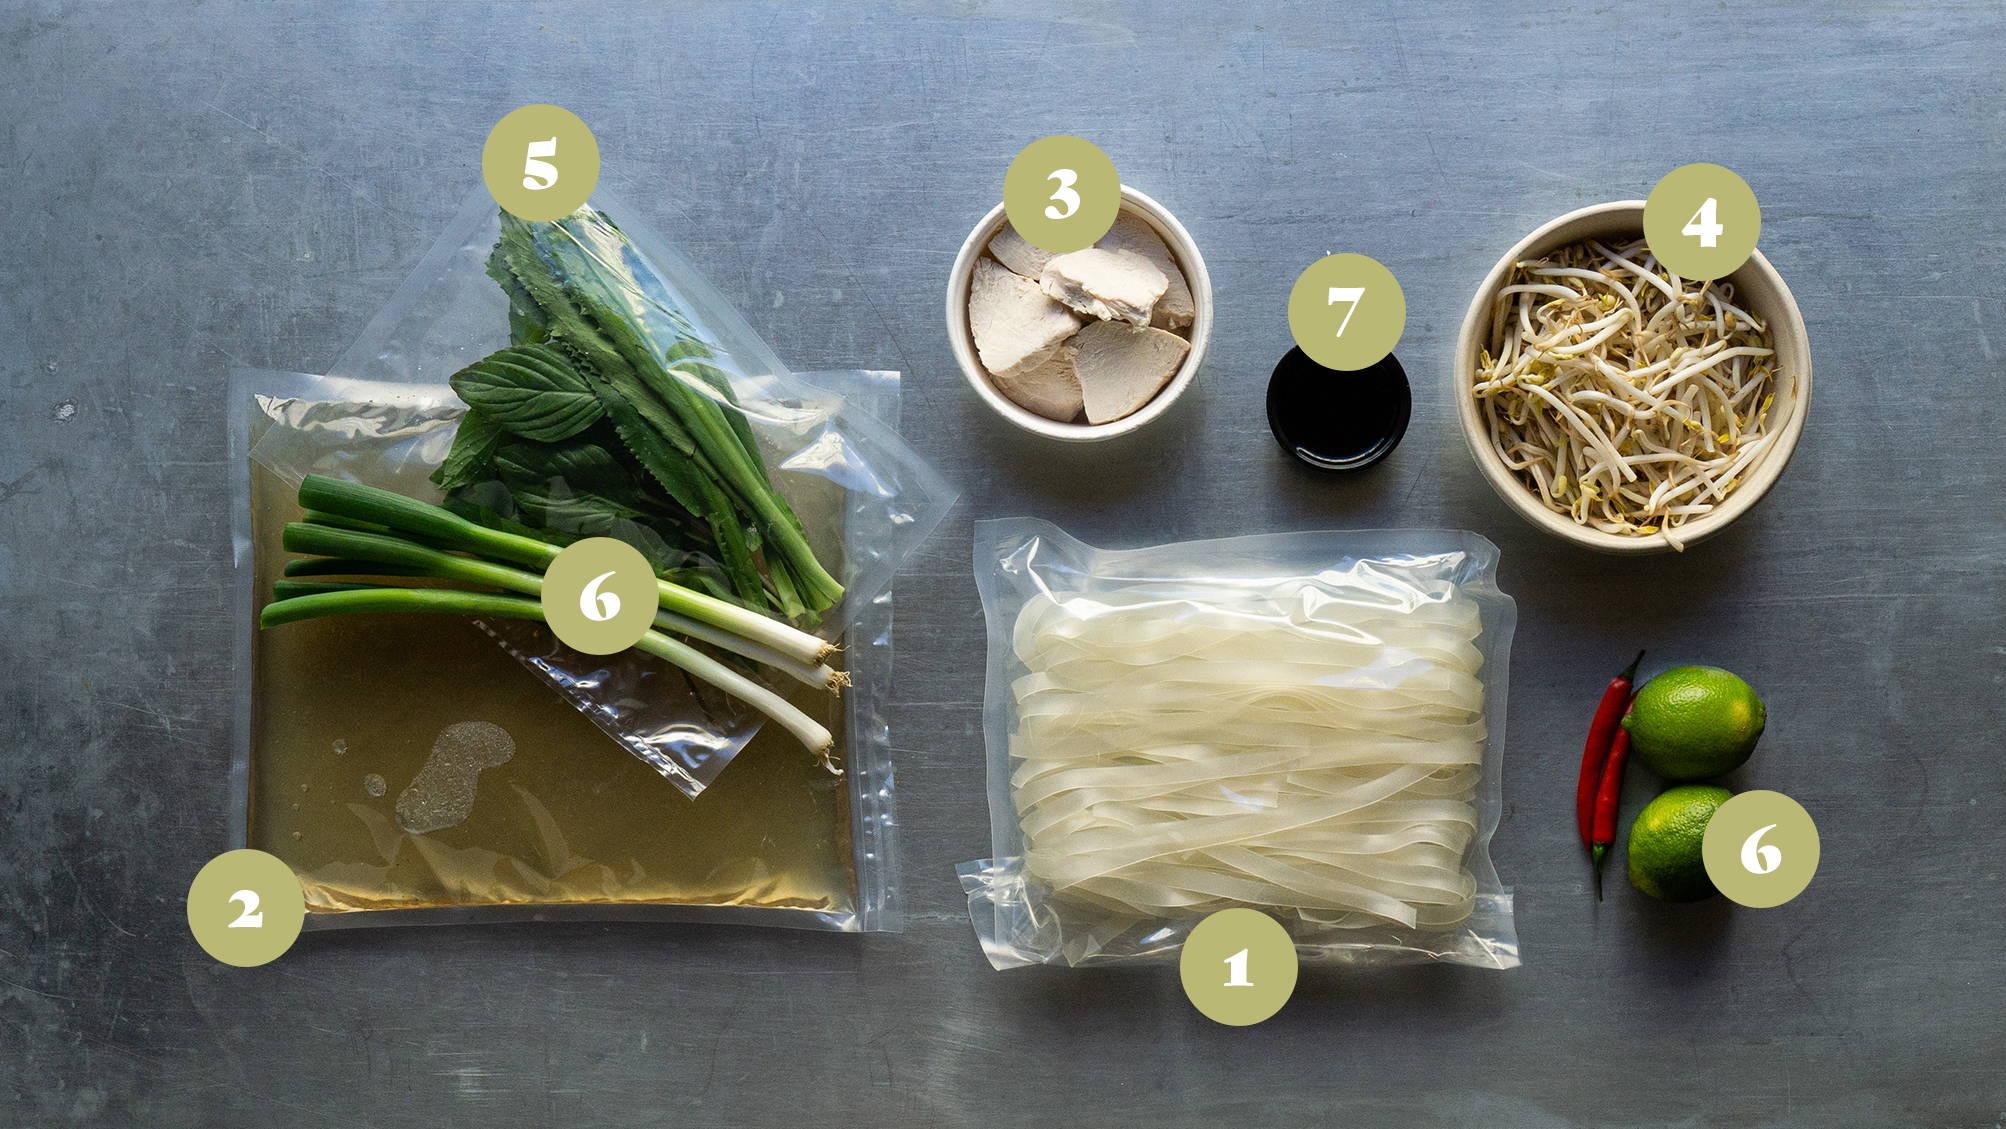 Opskrifter og vejledning til Pho Gá - Kylling nuddelsuppe med kylling, nudler, bønnespirer og thai basilikum.